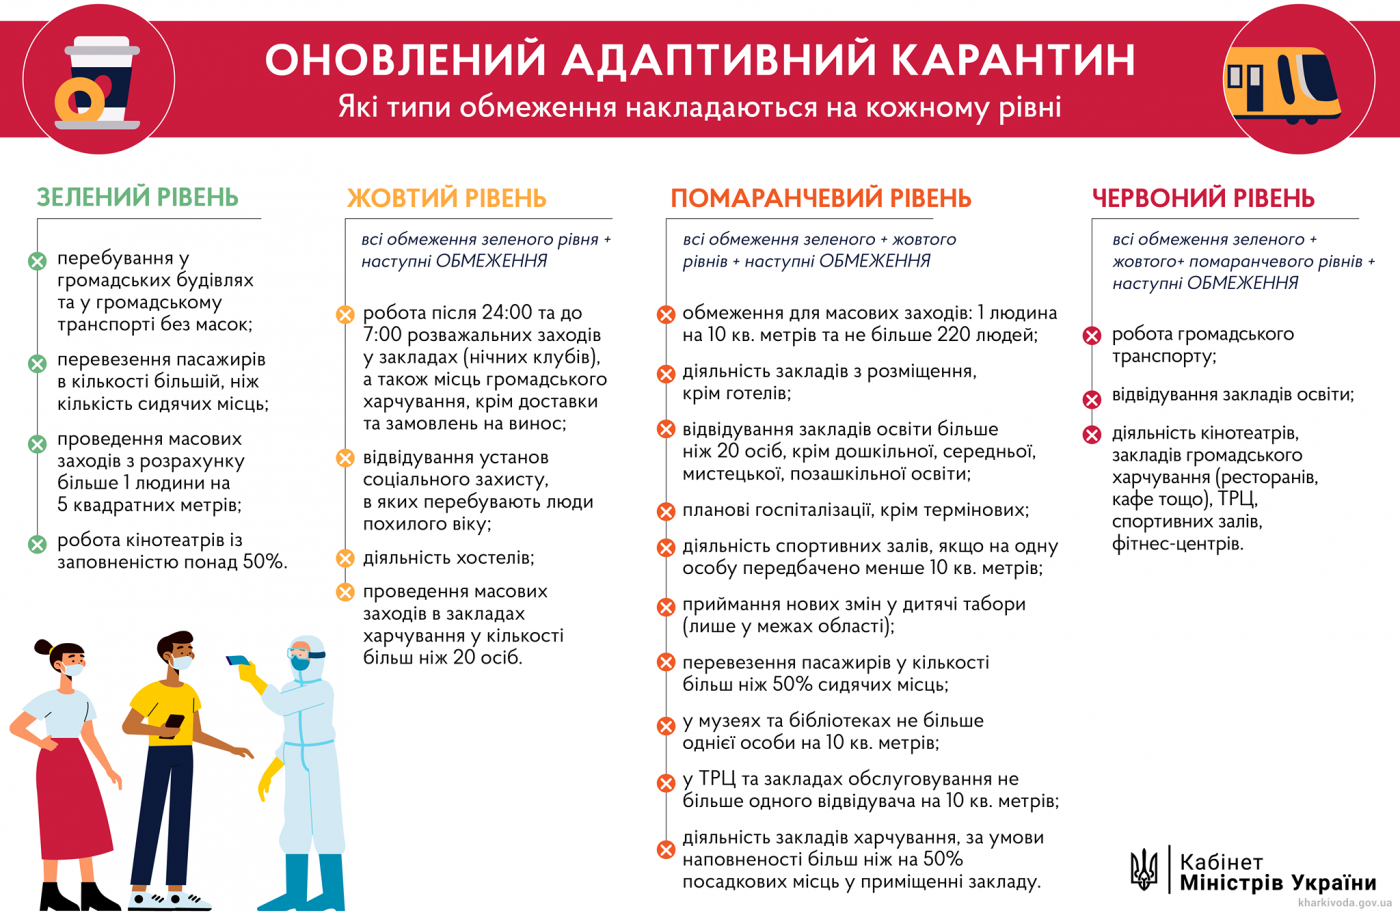 В Украине отменили «карантин выходного дня». Что ждет харьковчан в ближайшее время, фото-1